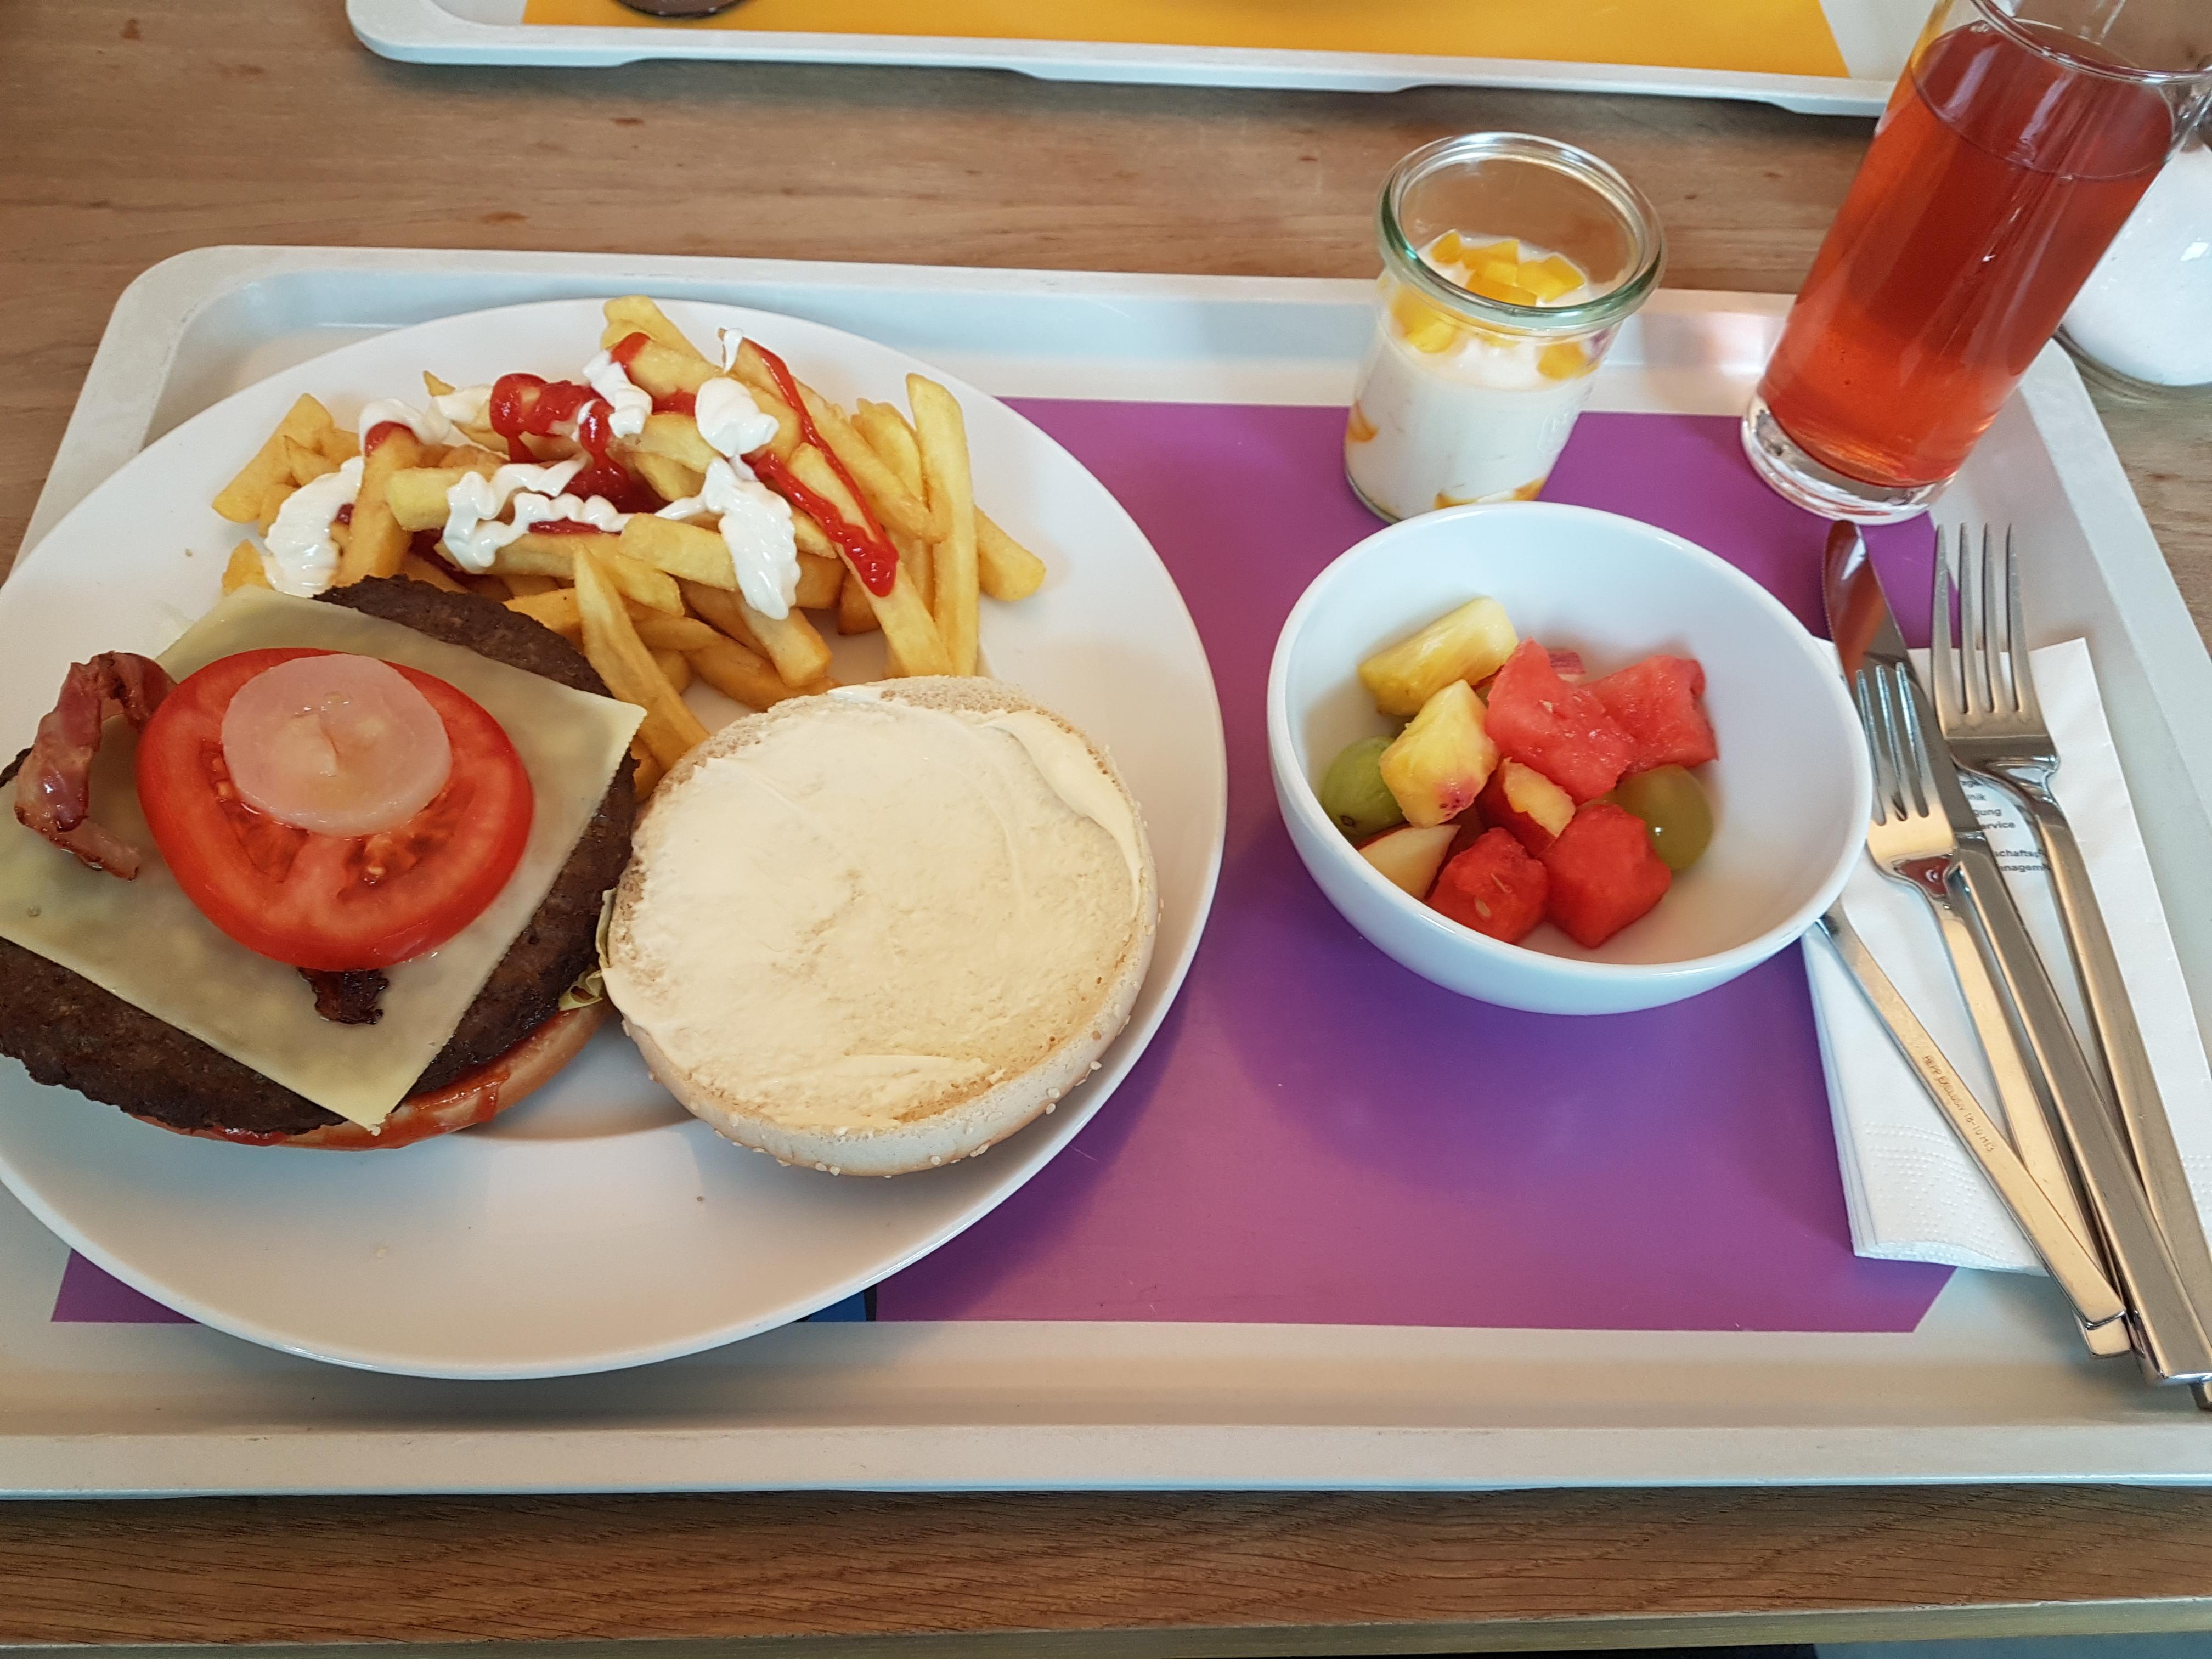 http://foodloader.net/Holz_2018-01-31_Burger_mit_Pommes.jpg